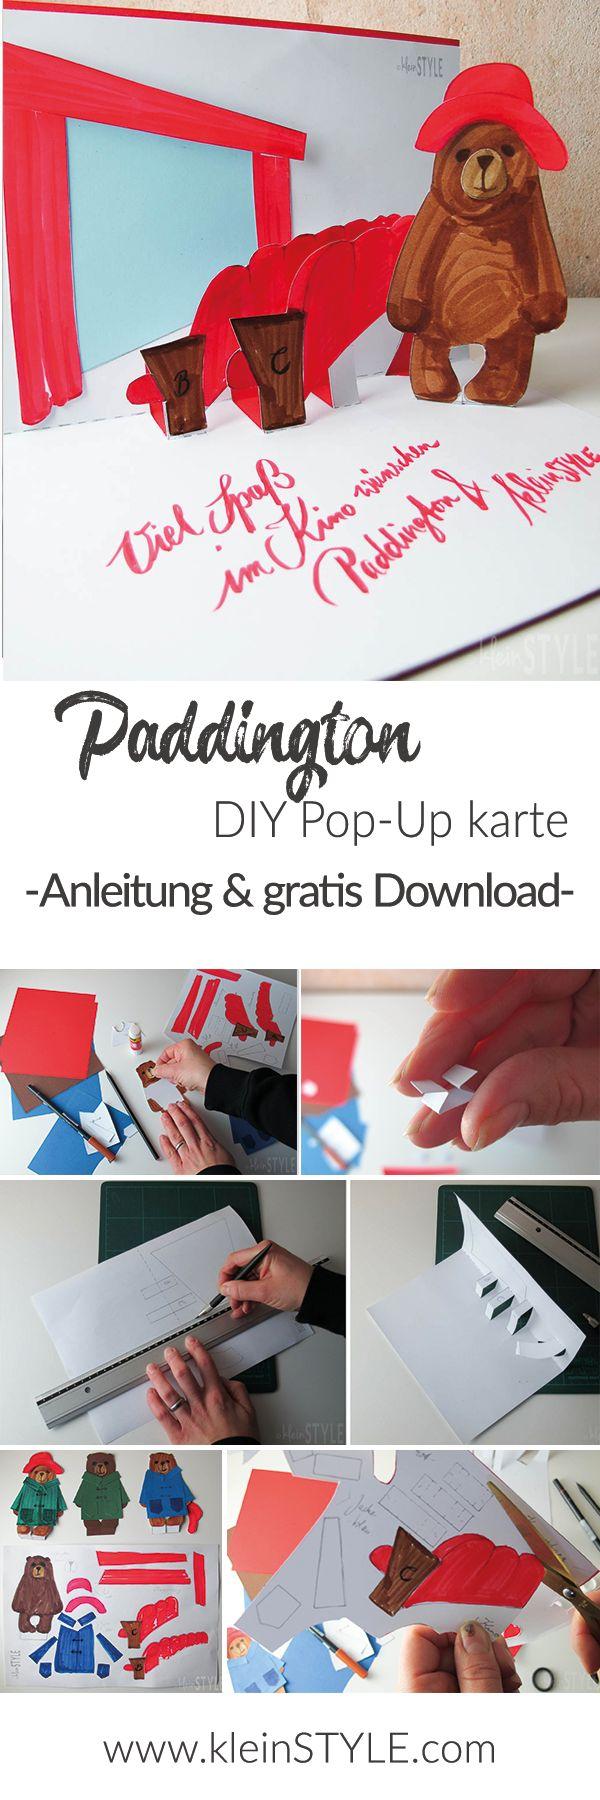 Bastel eine eigen Paddington Pop-Up Karte als Grußkarte, (Kino)Gutschein oder um selbst eine Überraschung im Cinemaxx zu erhalten! - mit gratis Download